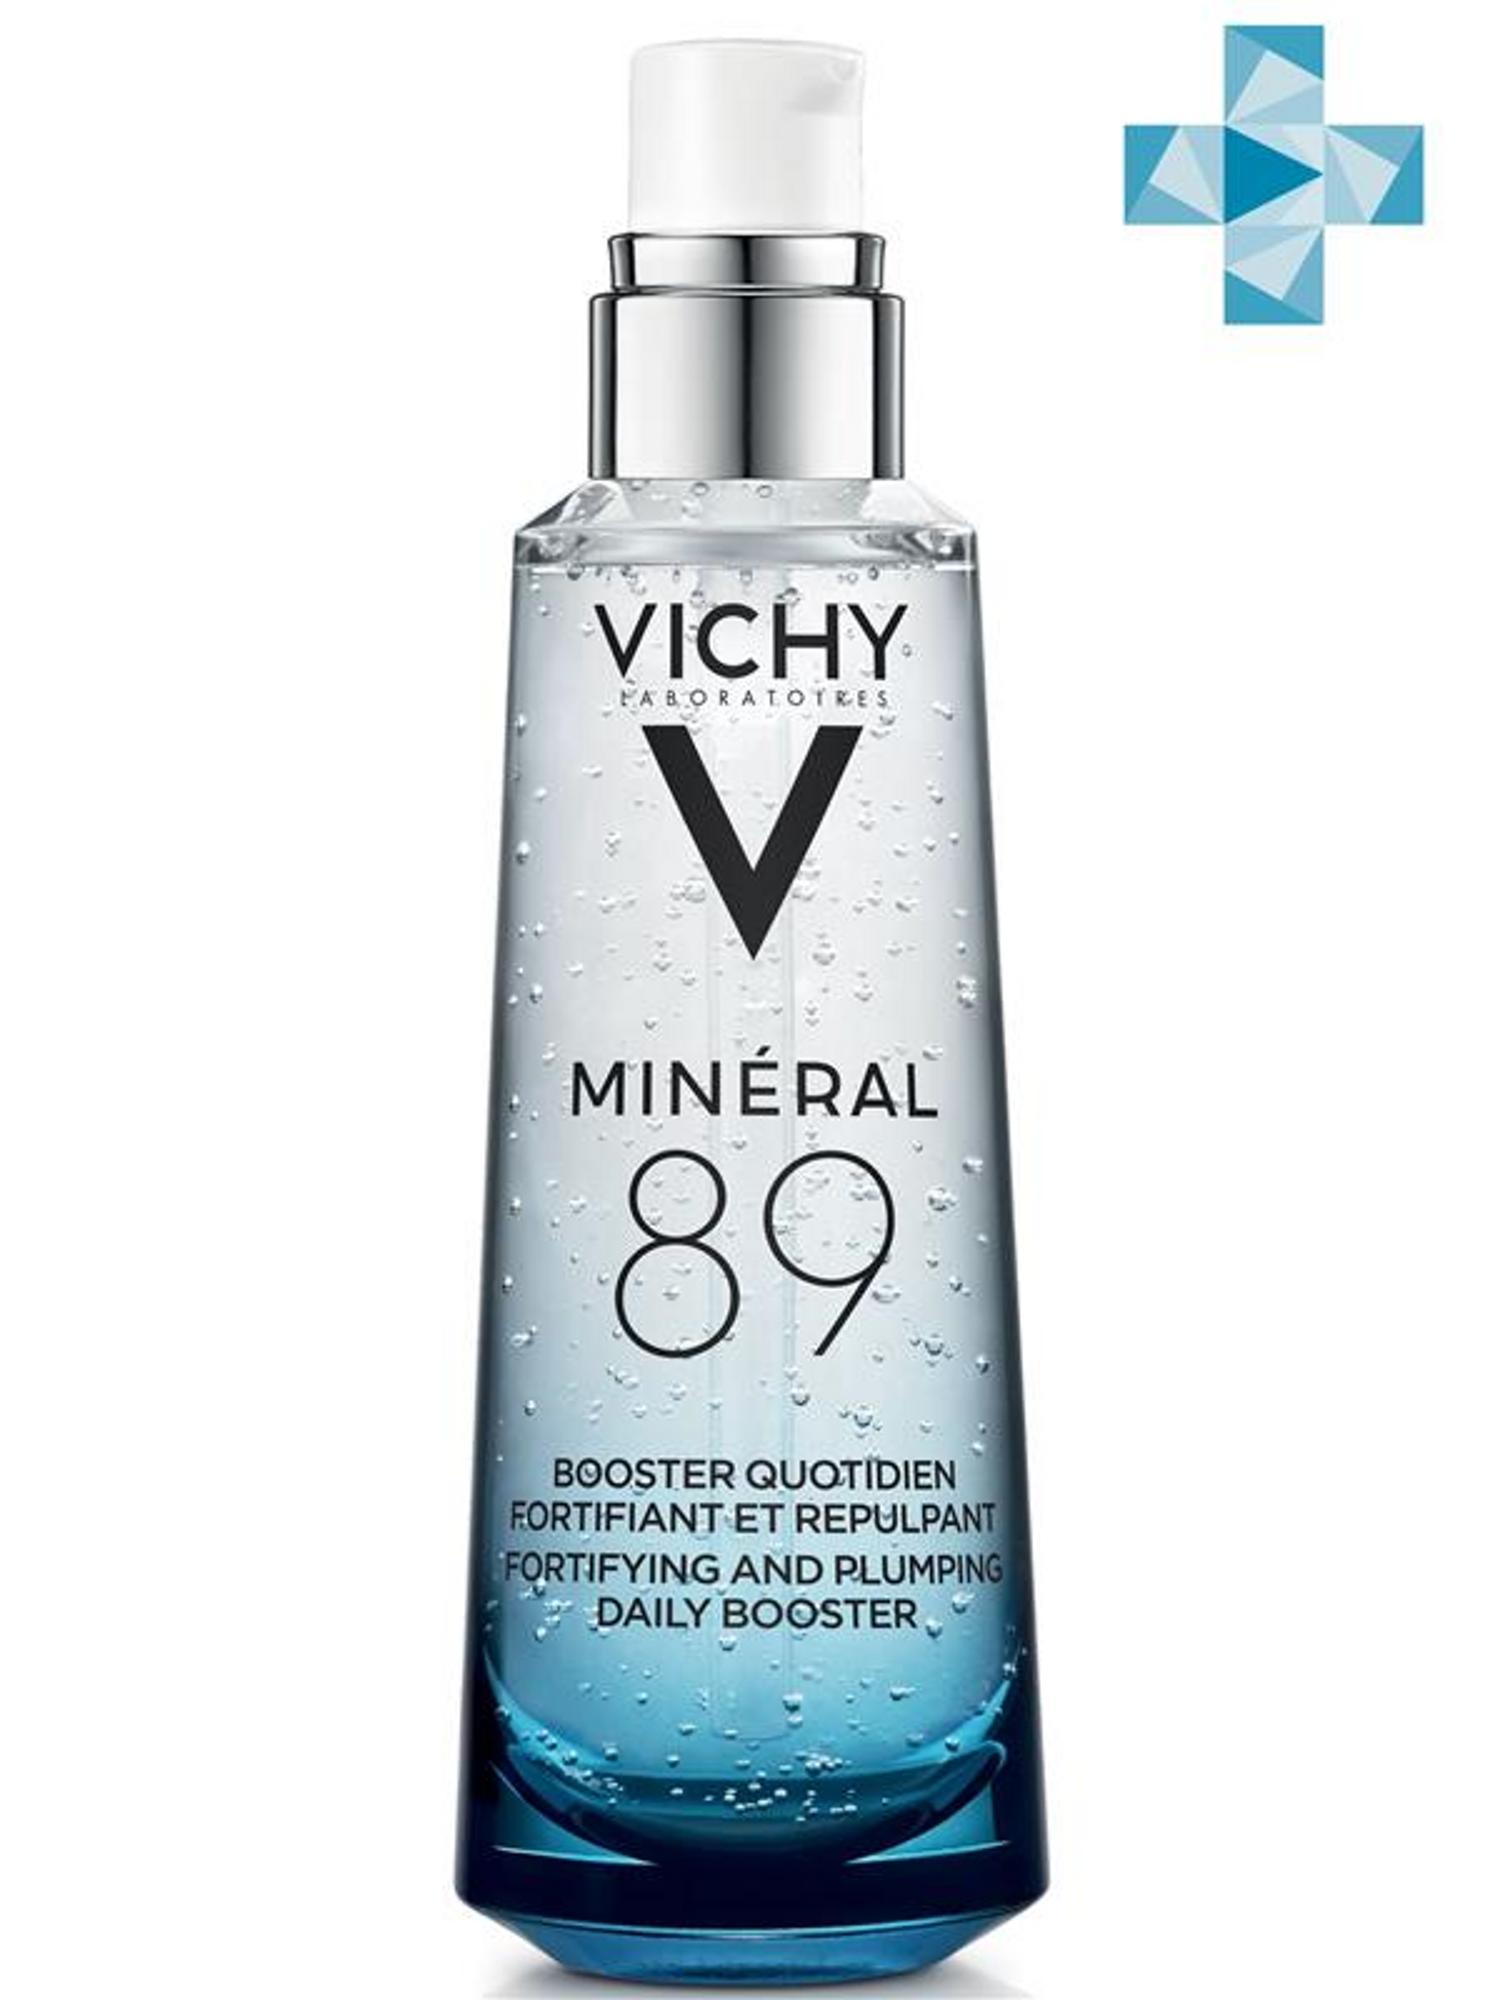 Купить Vichy Ежедневный гель-сыворотка для кожи, подверженной внешним воздействиям Mineral 89, 75 мл (Vichy, Mineral 89), Франция